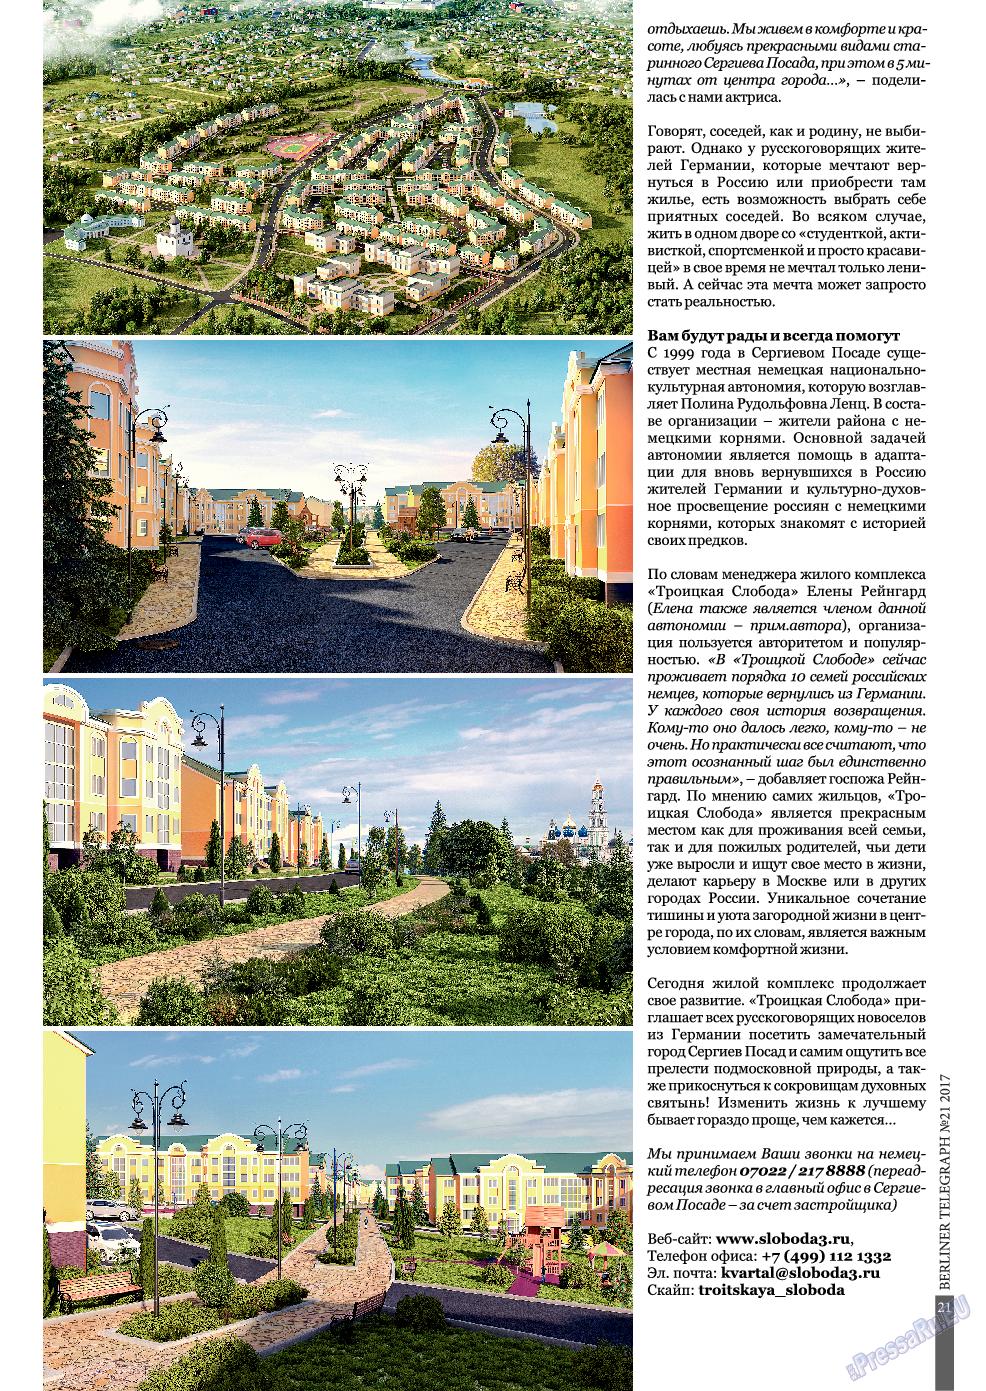 Берлинский телеграф (журнал). 2017 год, номер 21, стр. 21